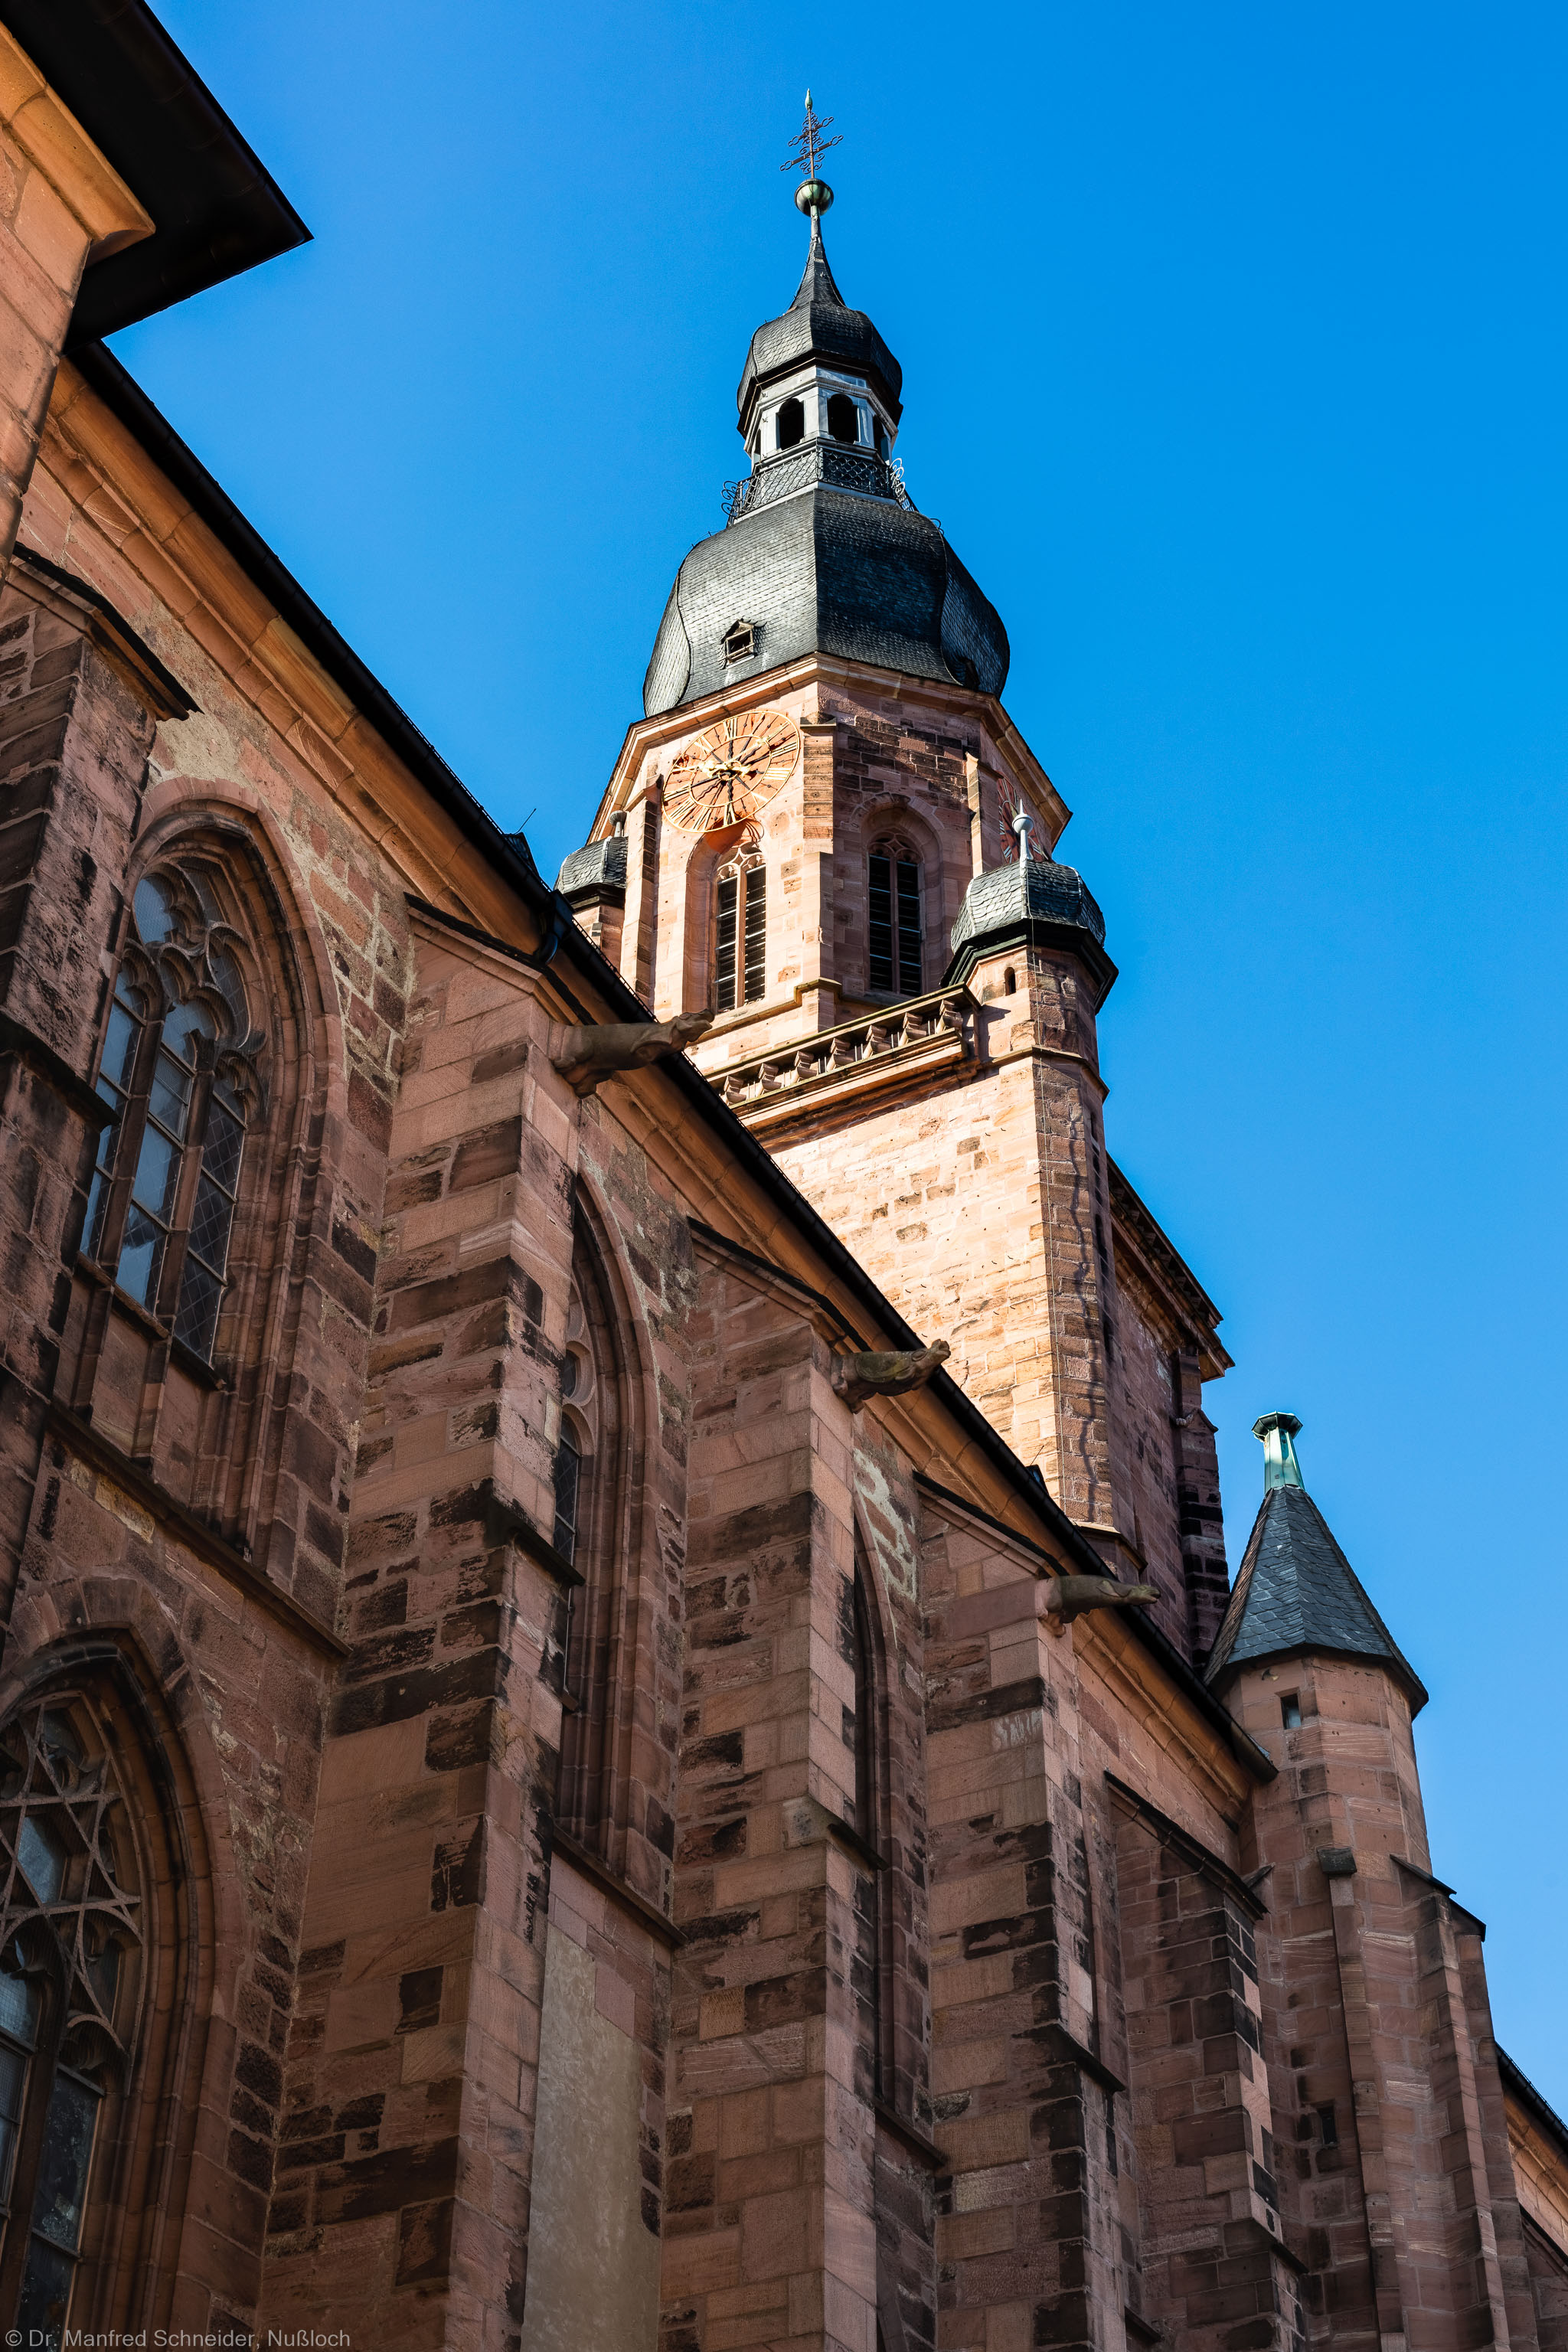 Heidelberg - Heiliggeistkirche - Aussen / Nord - Blick von Nordost (nähe Sakristei) auf die Nordfassade und den Turm  (aufgenommen im Oktober 2015, am späten Vormittag)